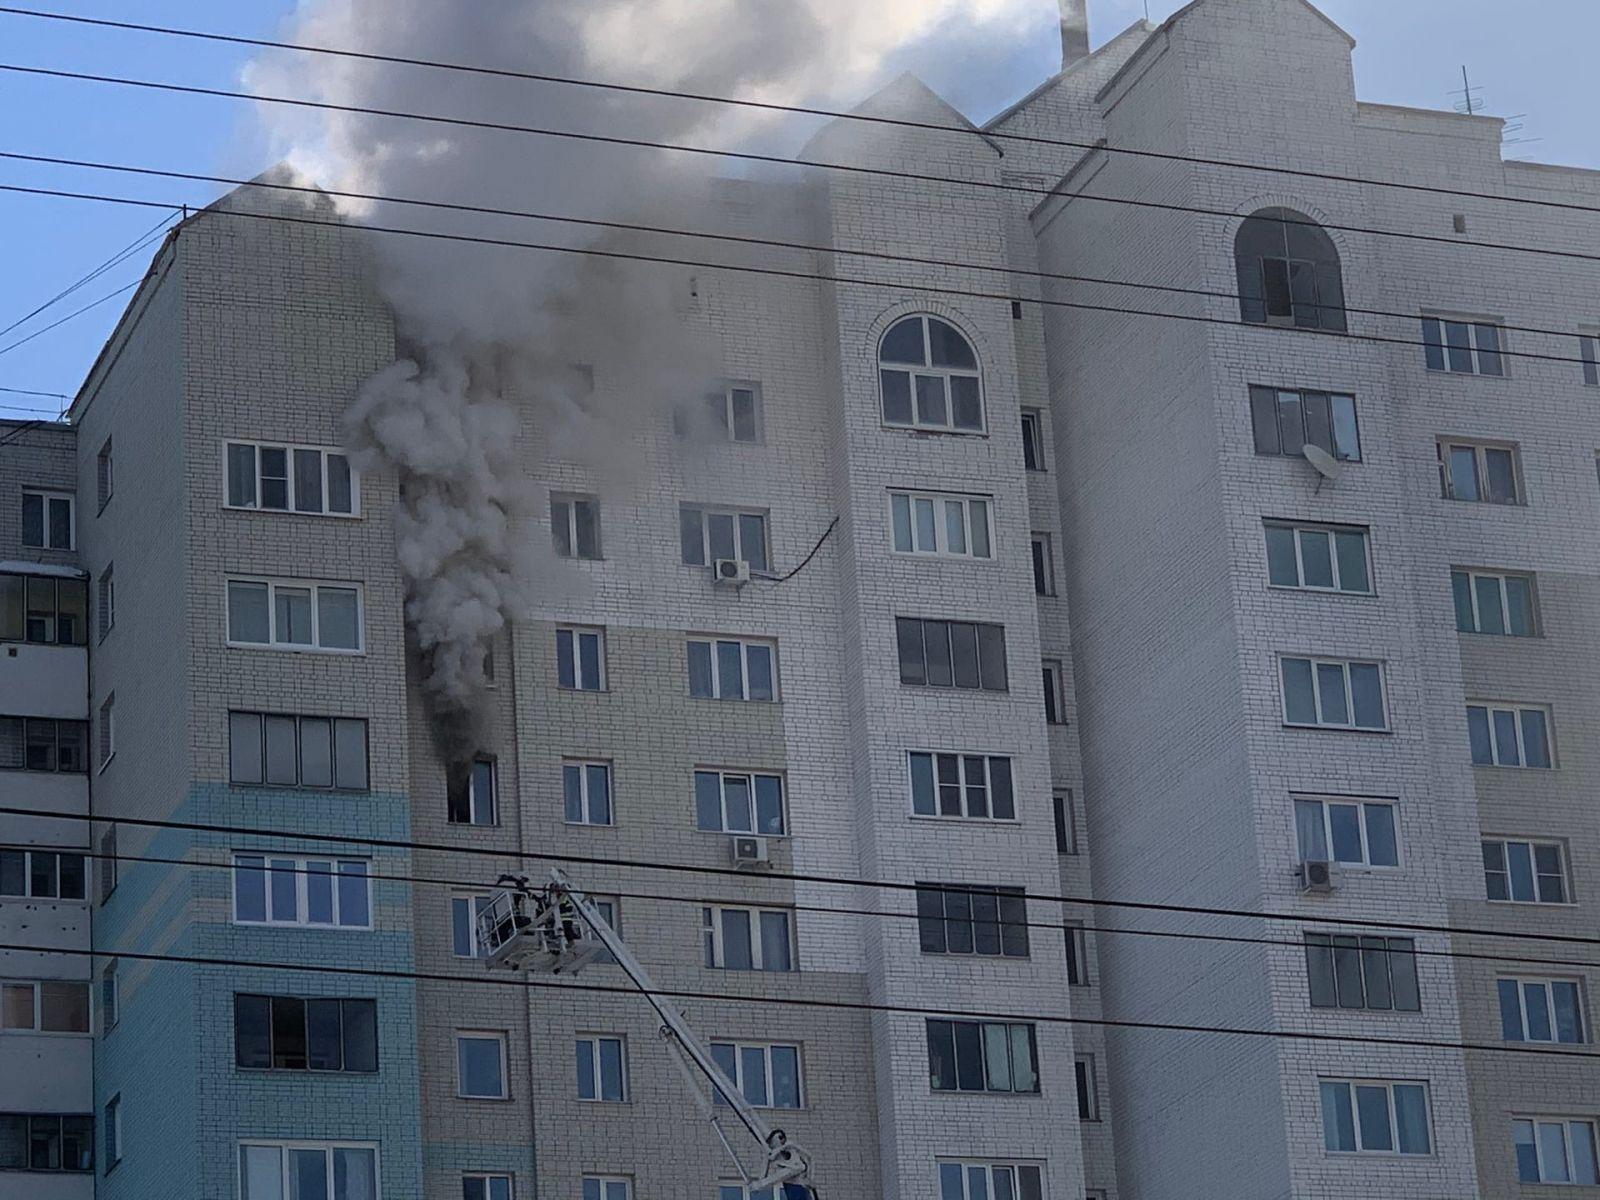 Спасатели ликвидируют серьезный пожар 12 этаже барнаульской высотки обновлено